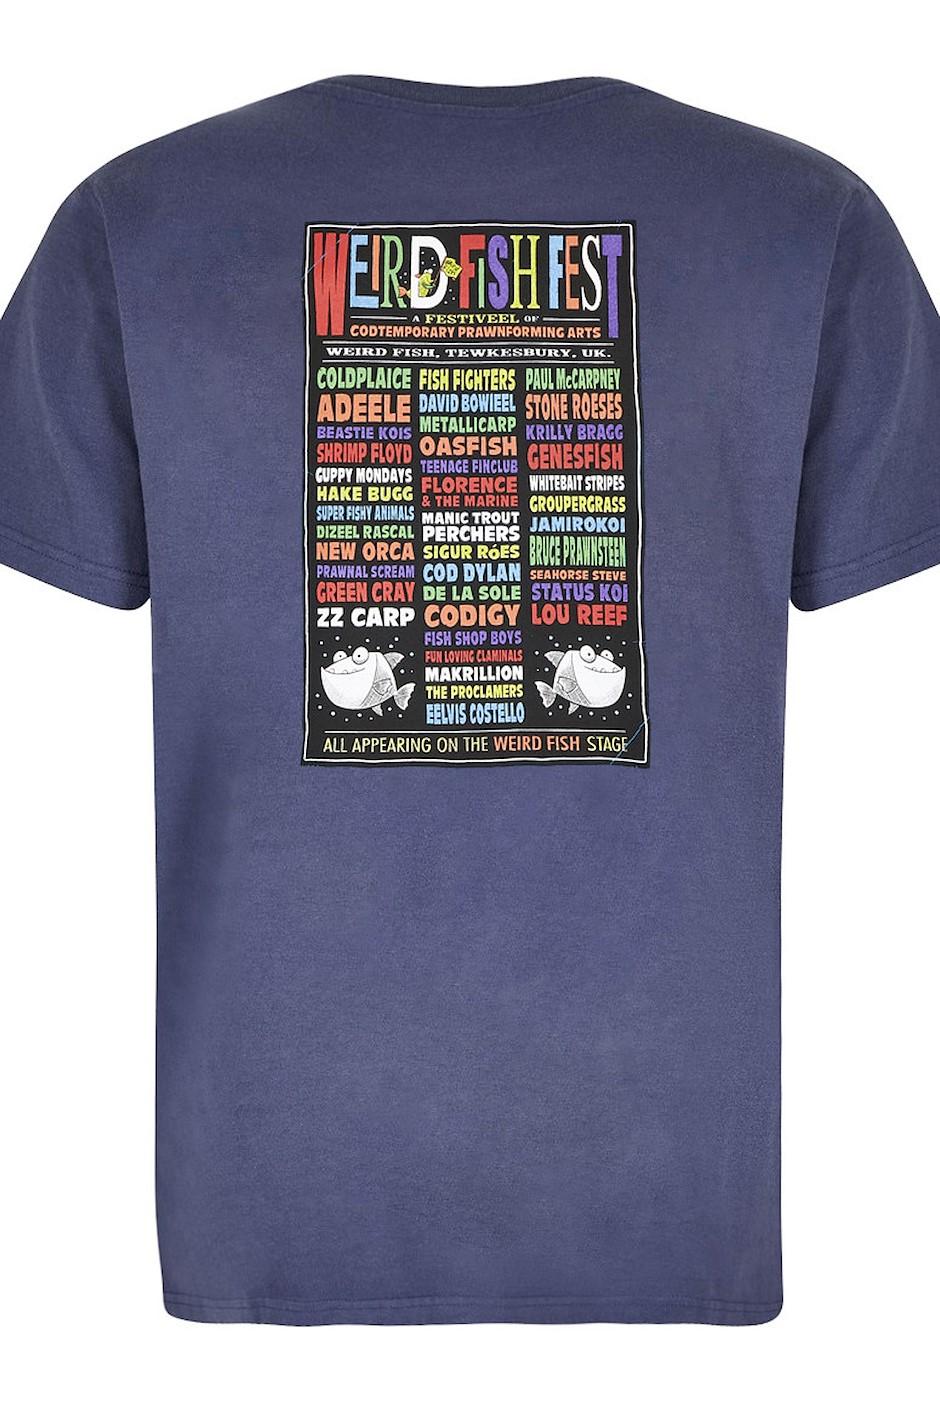 Weird Fish Fest Artist T-Shirt Blue Indigo